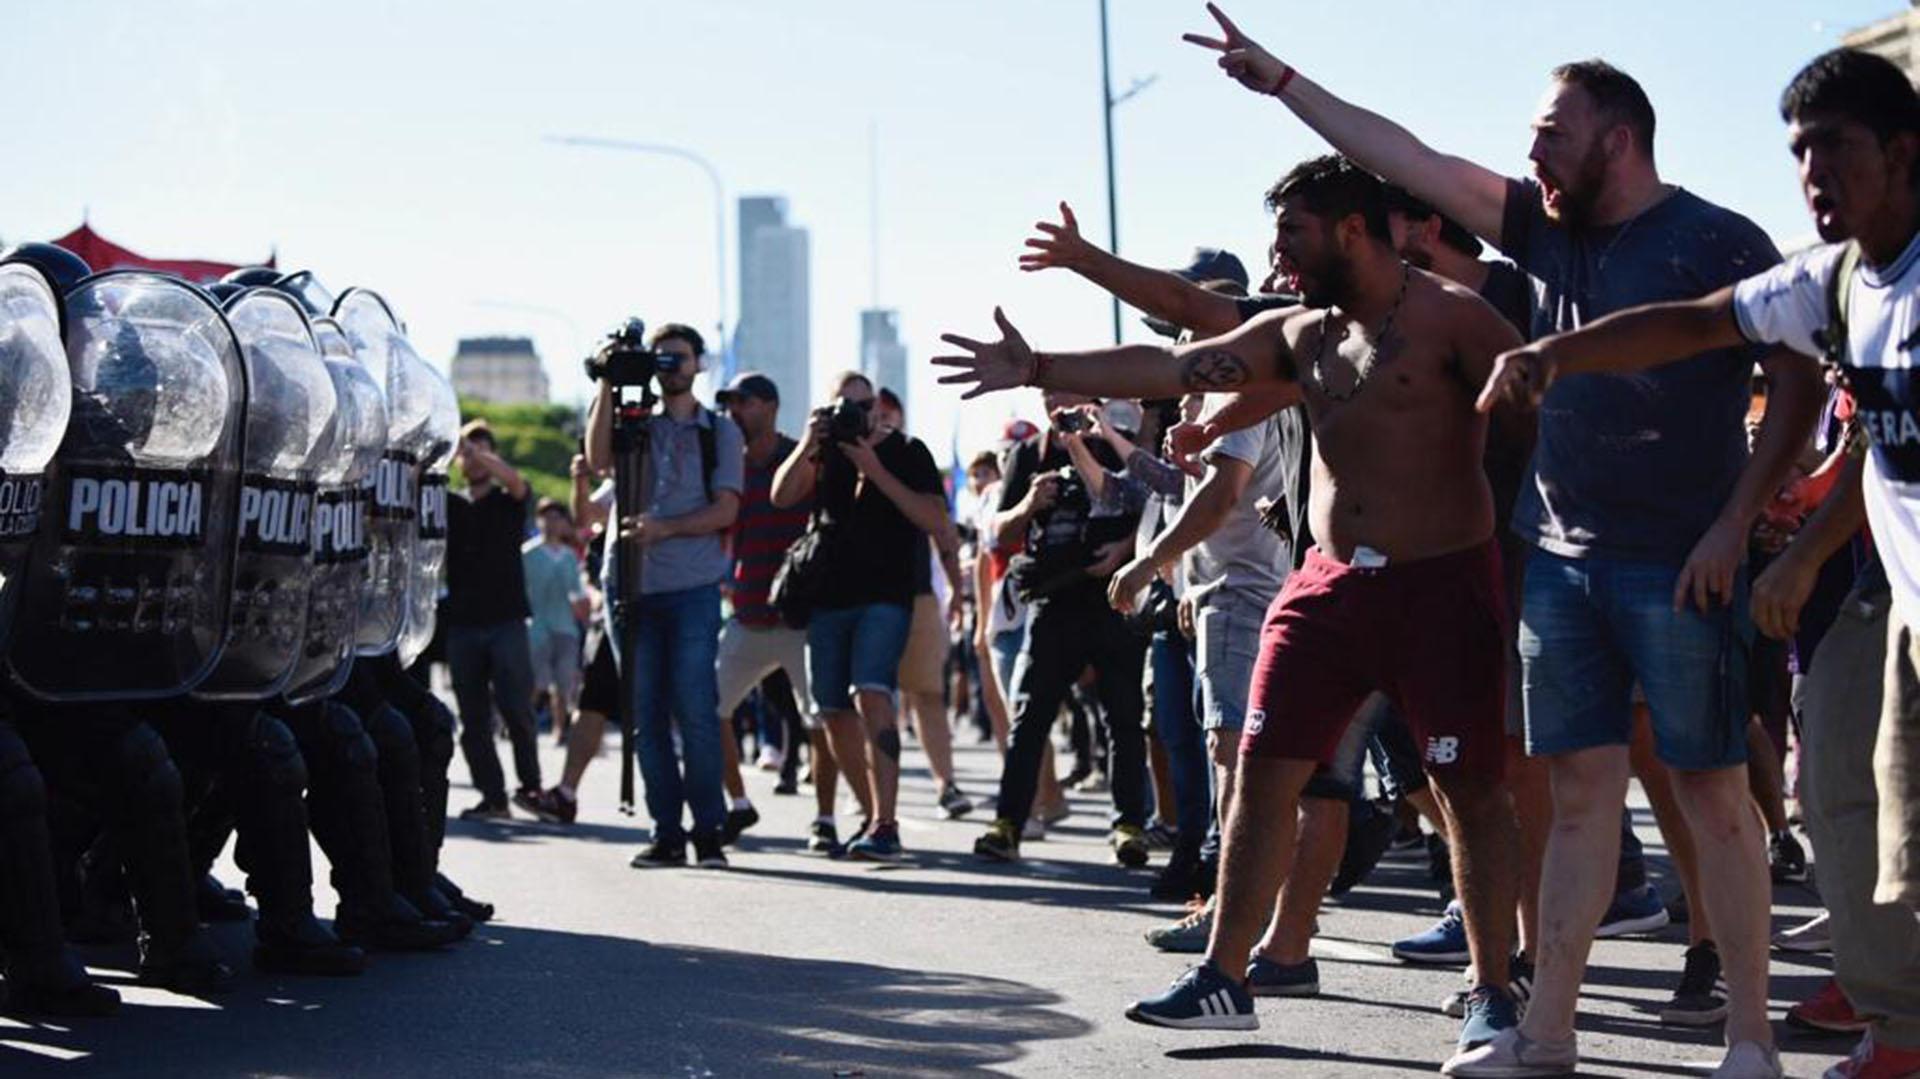 La protesta llegó a su pico de tensión frente a la facultad de Derecho